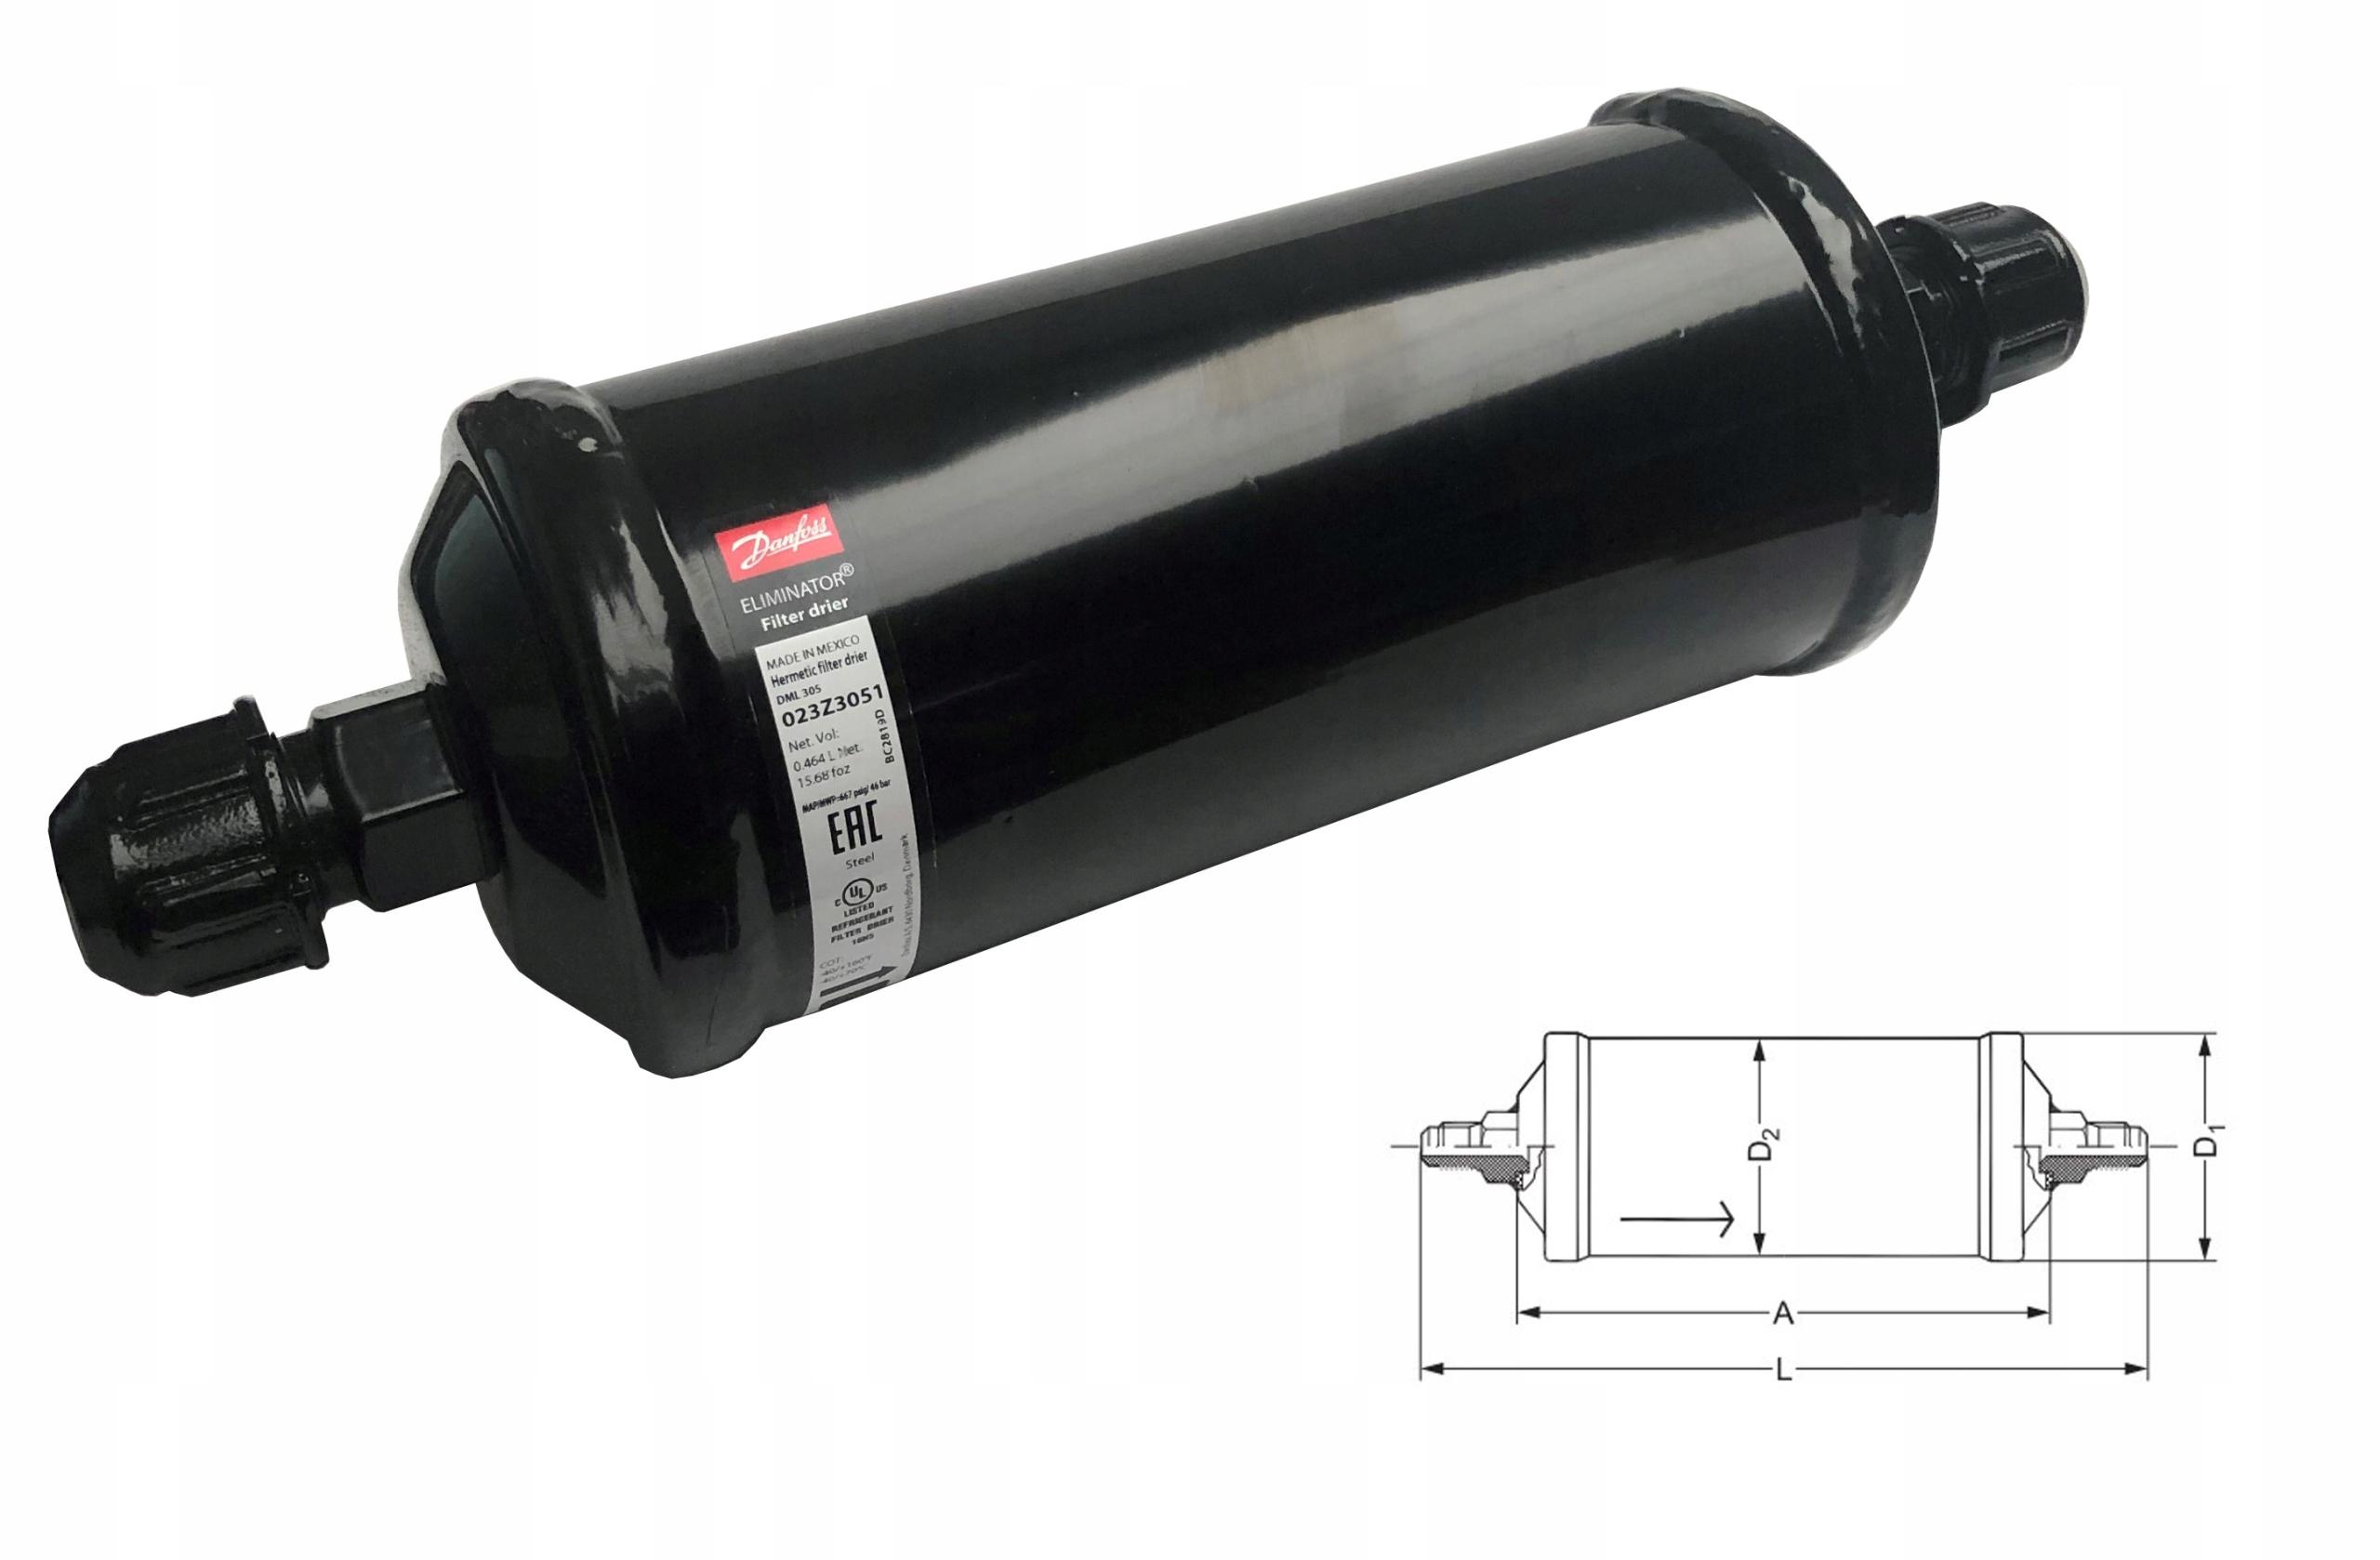 фильтр клапан danfoss dml305 16mm  16mm